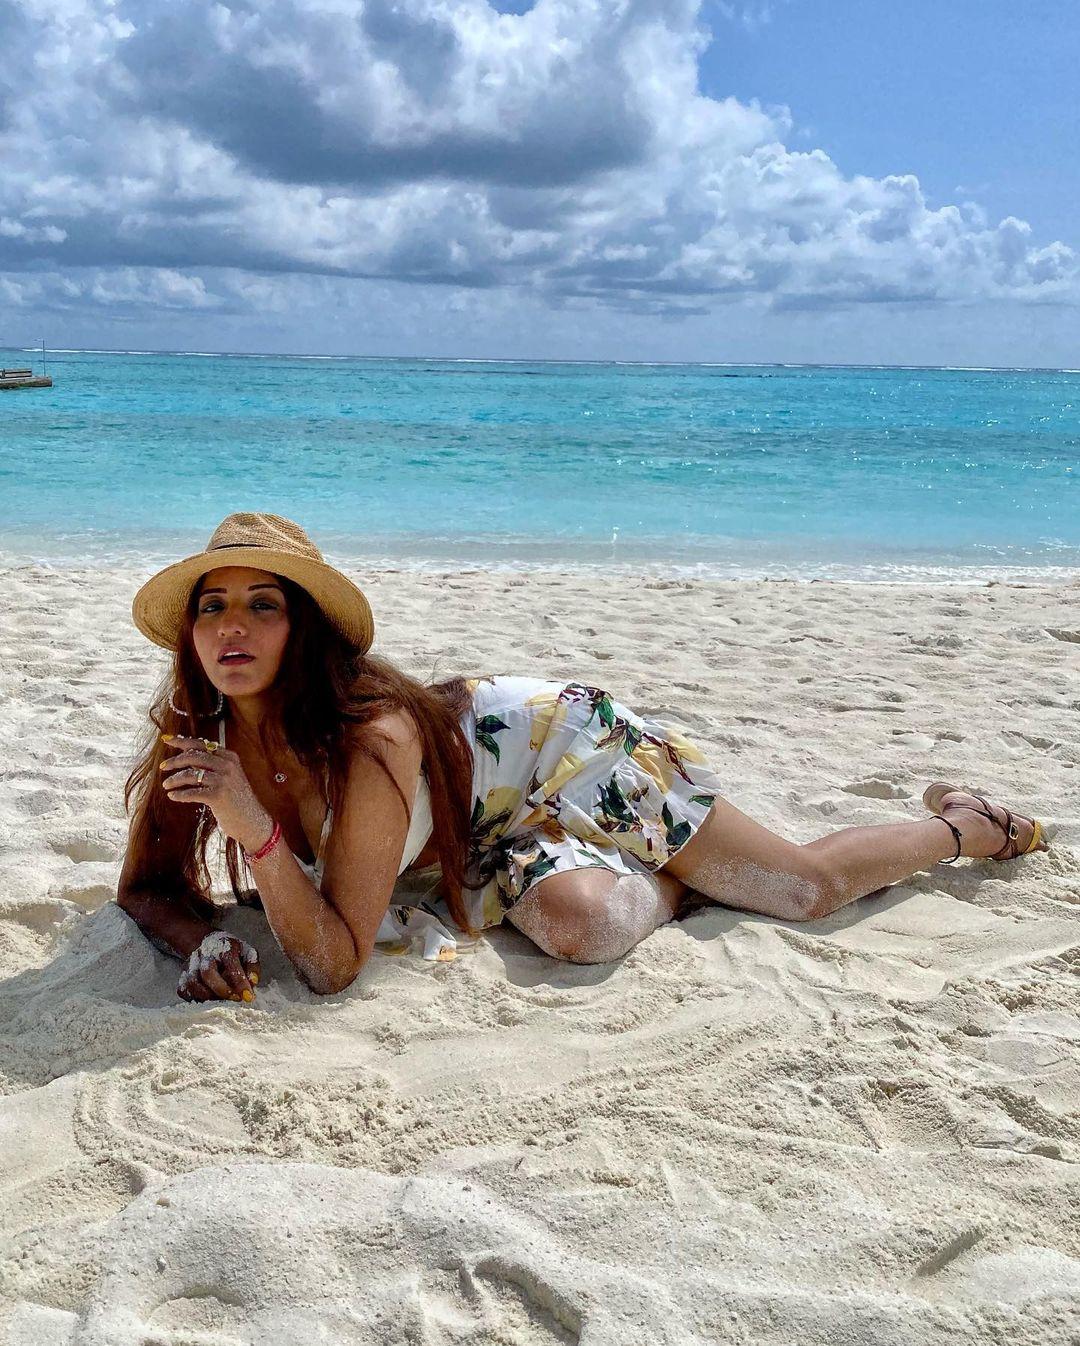 Monalisa Bikini Pics